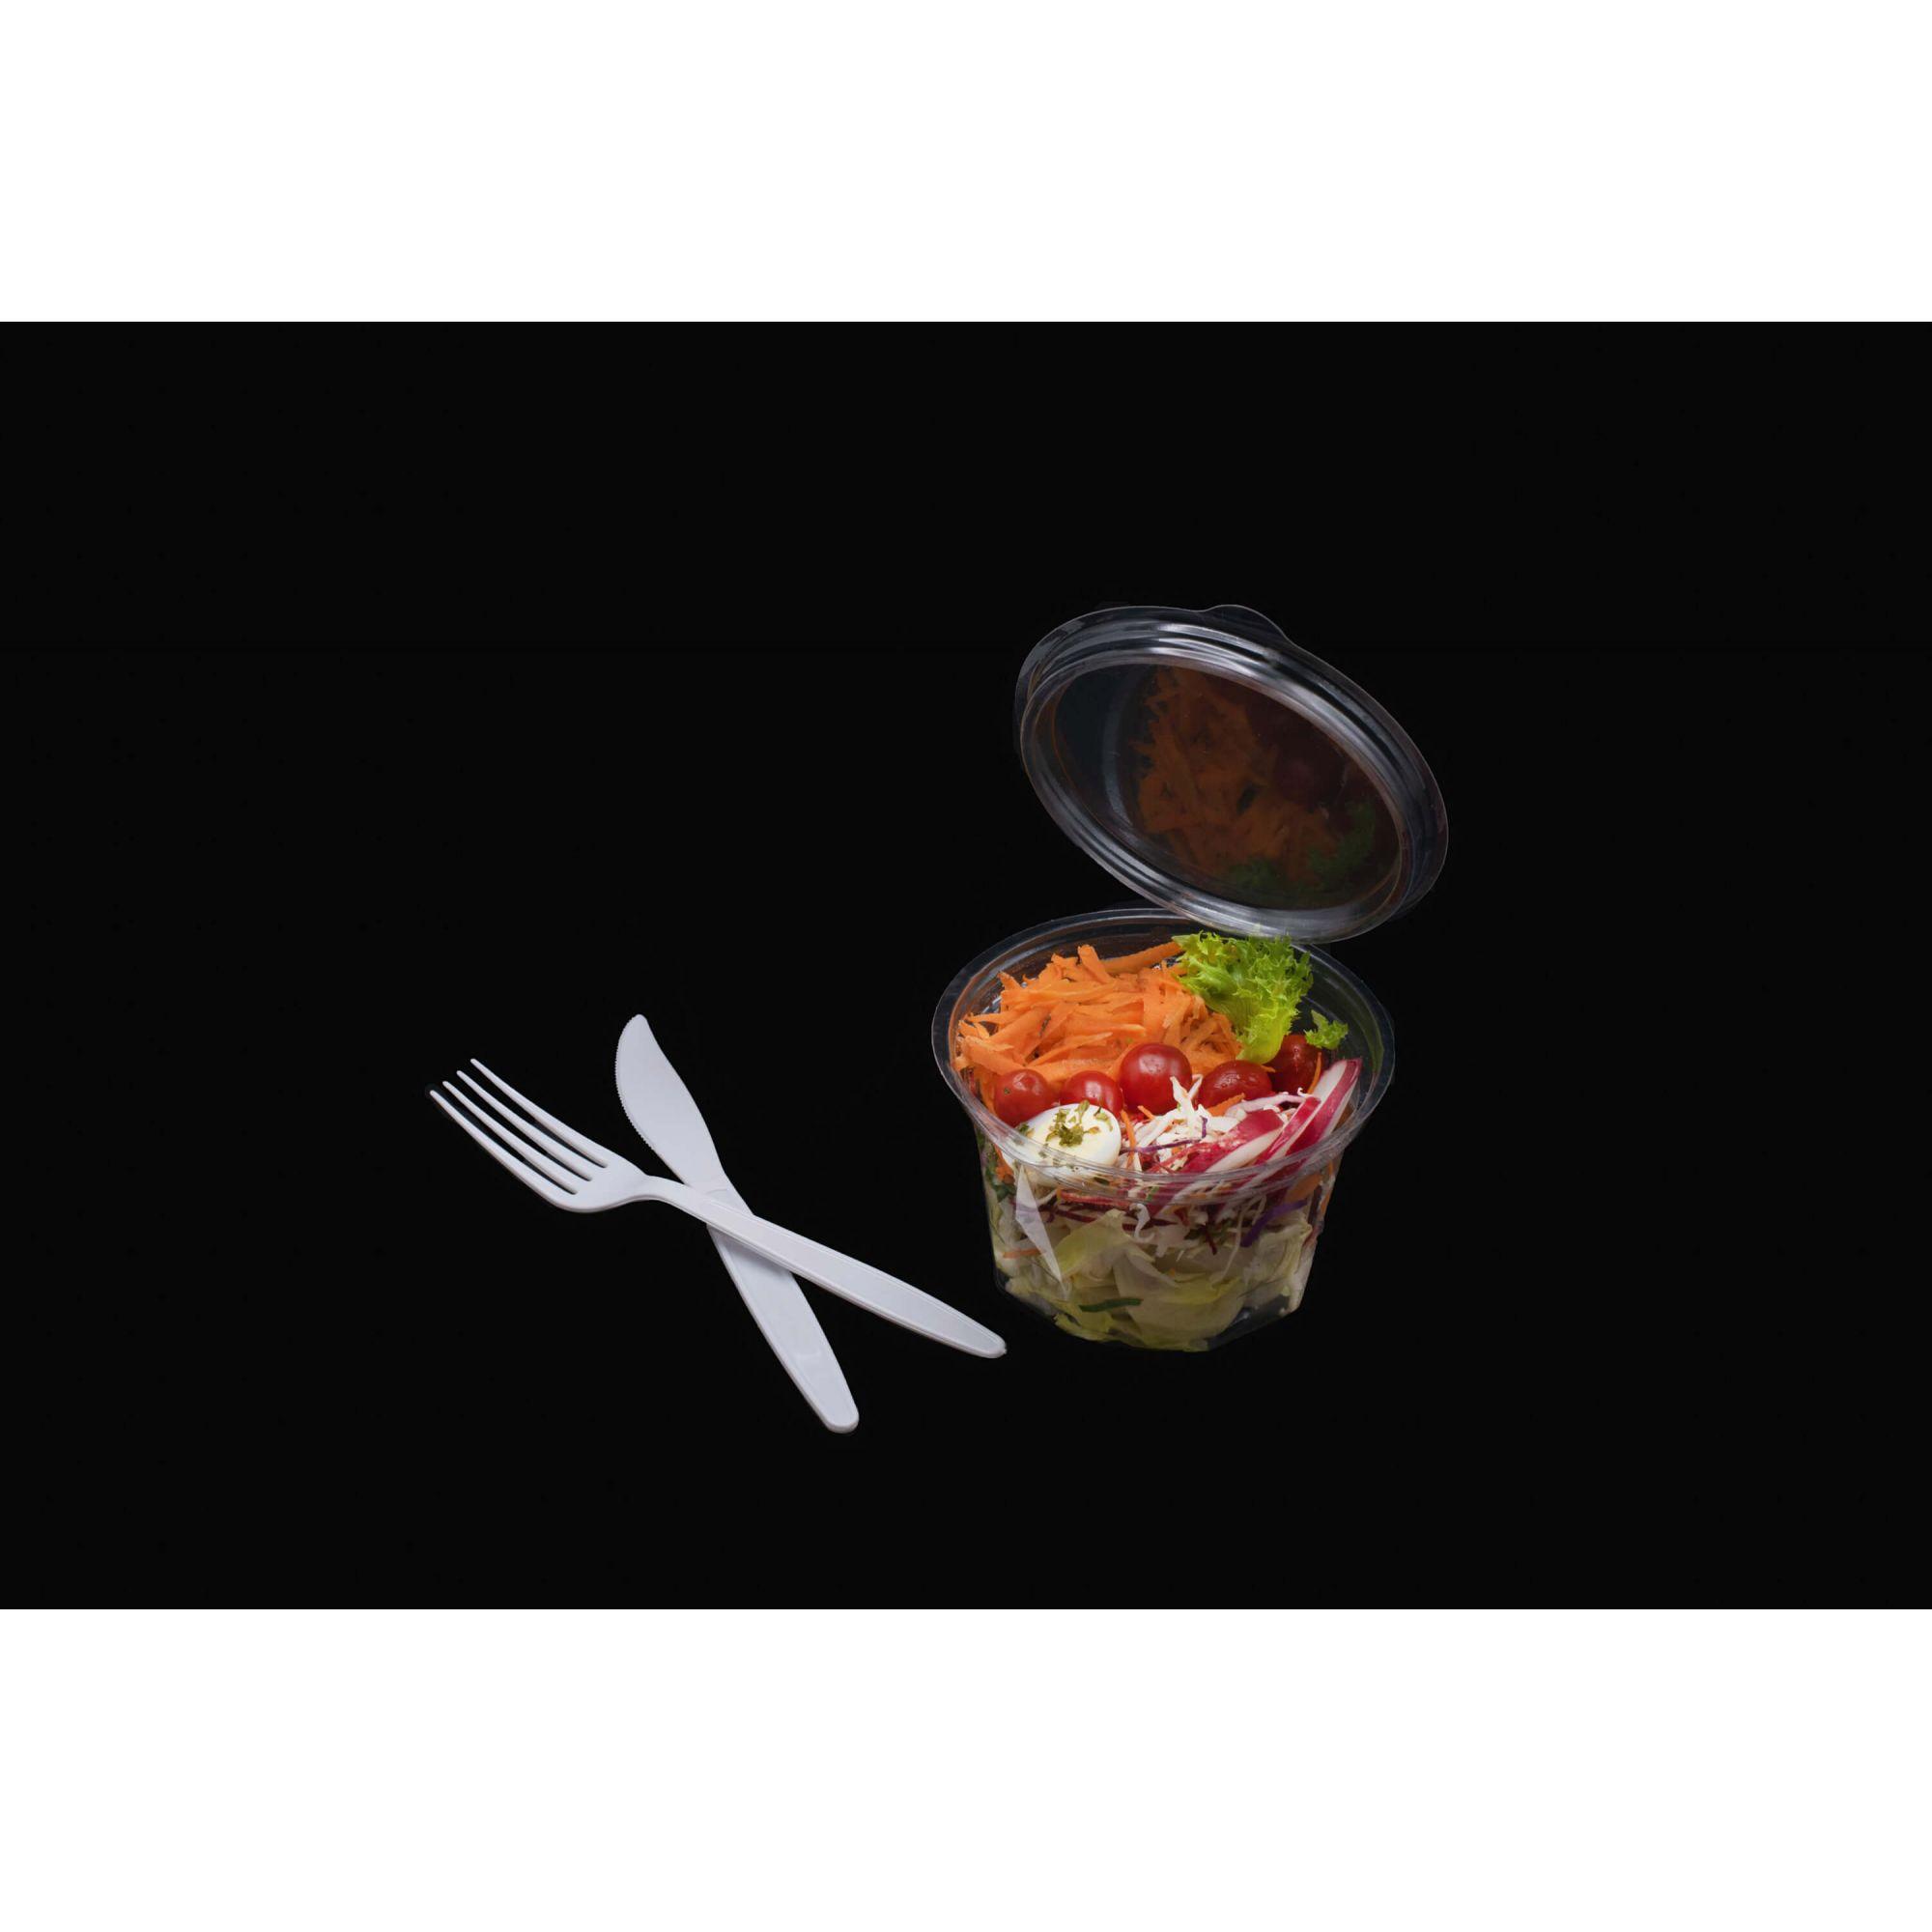 Embalagem hermética para salada 200un. - Galvanotek G742D G750D